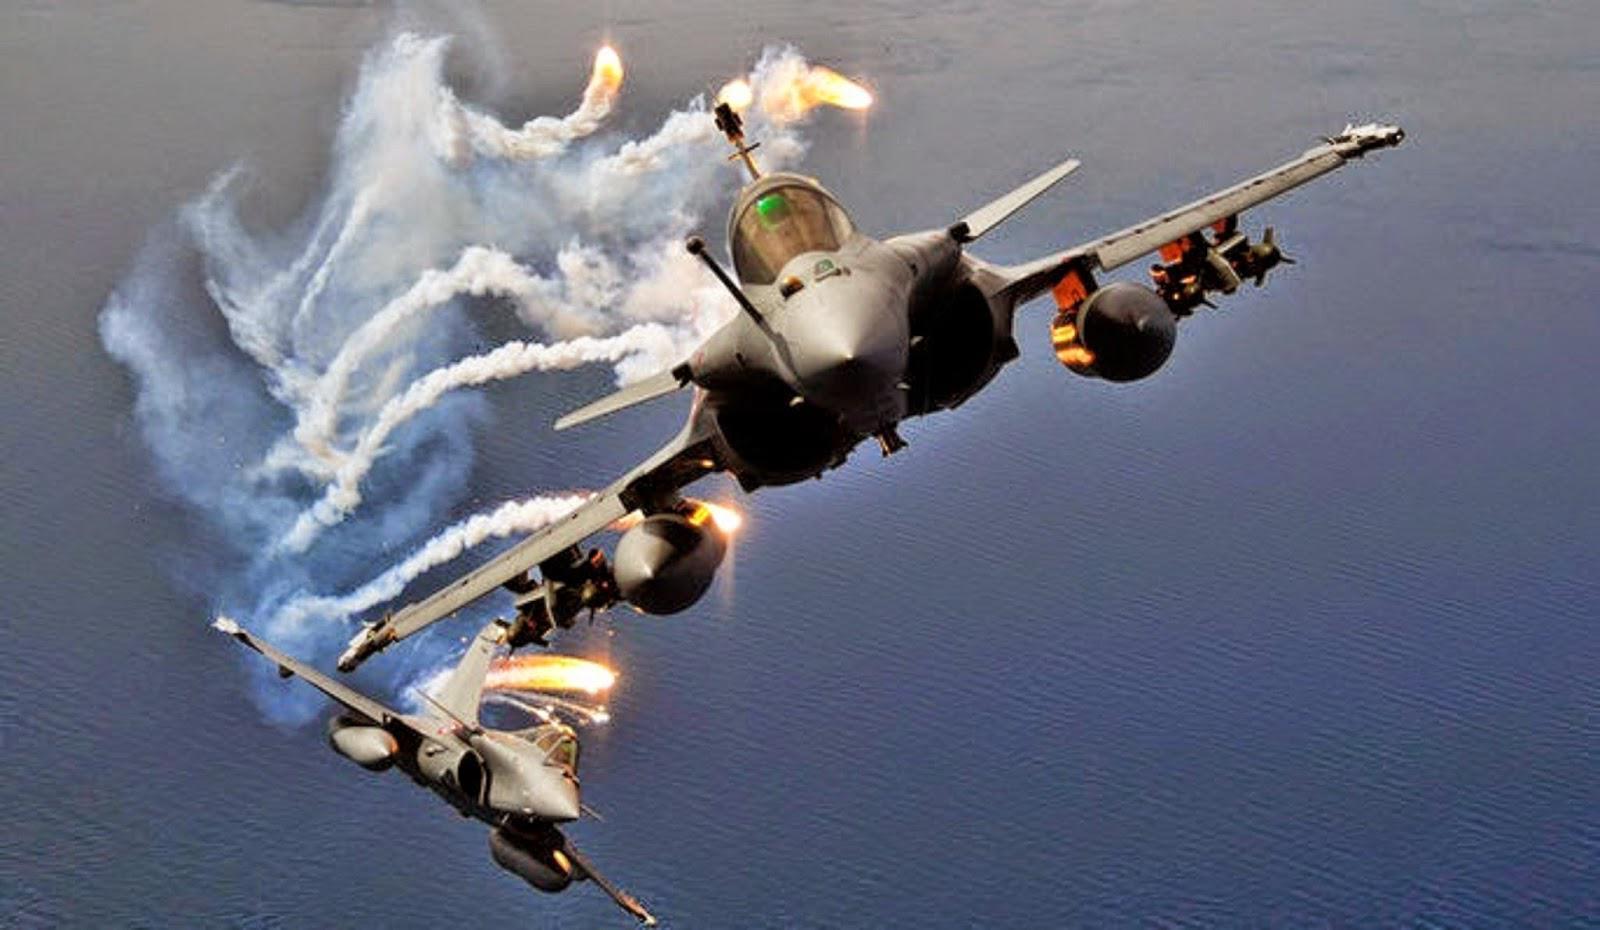 stock war f35 aeroplane